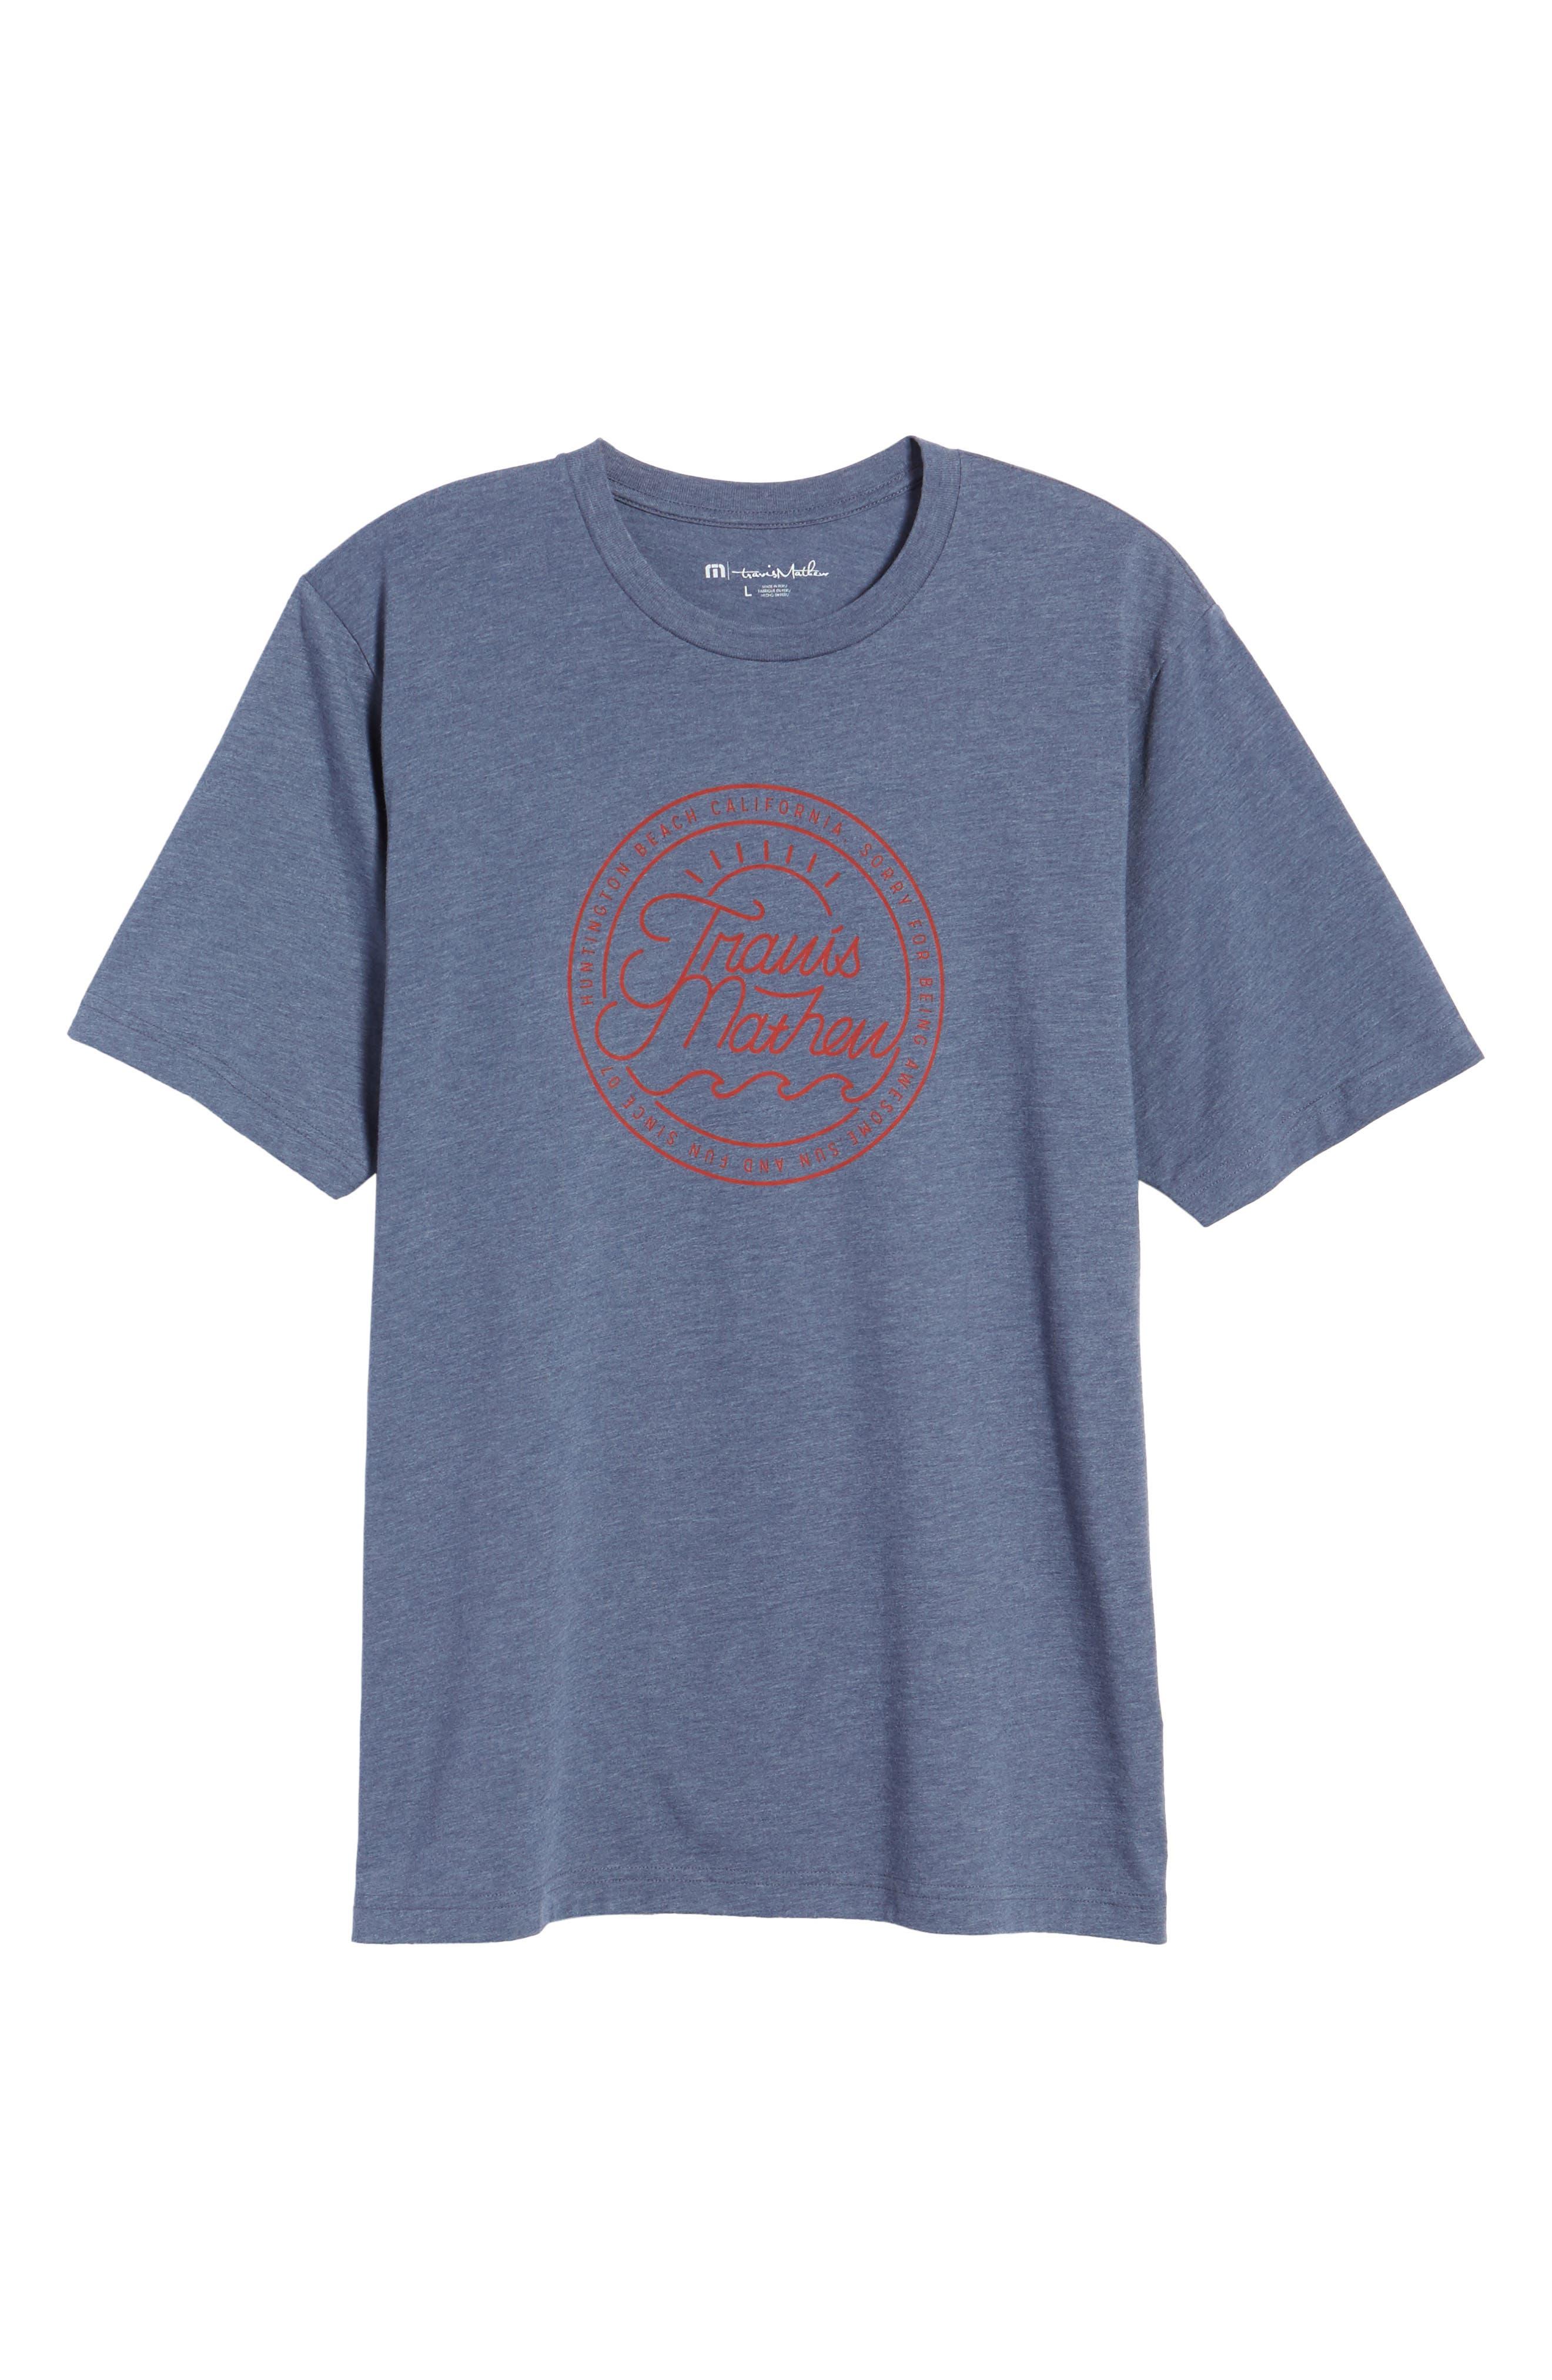 Drebo Graphic T-Shirt,                             Alternate thumbnail 6, color,                             400